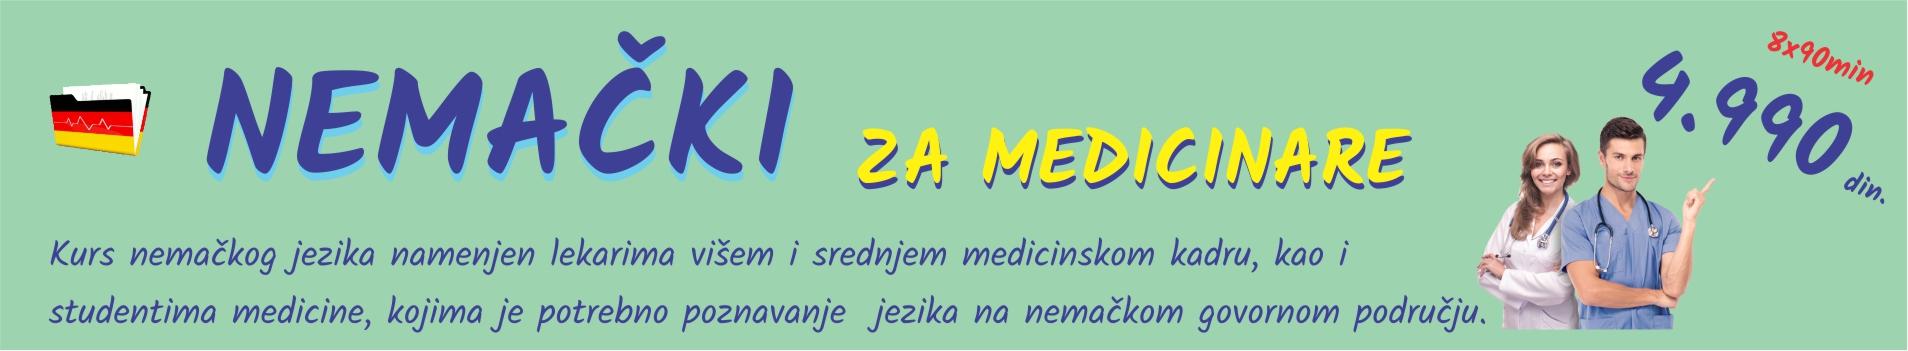 Nemački za medicinare